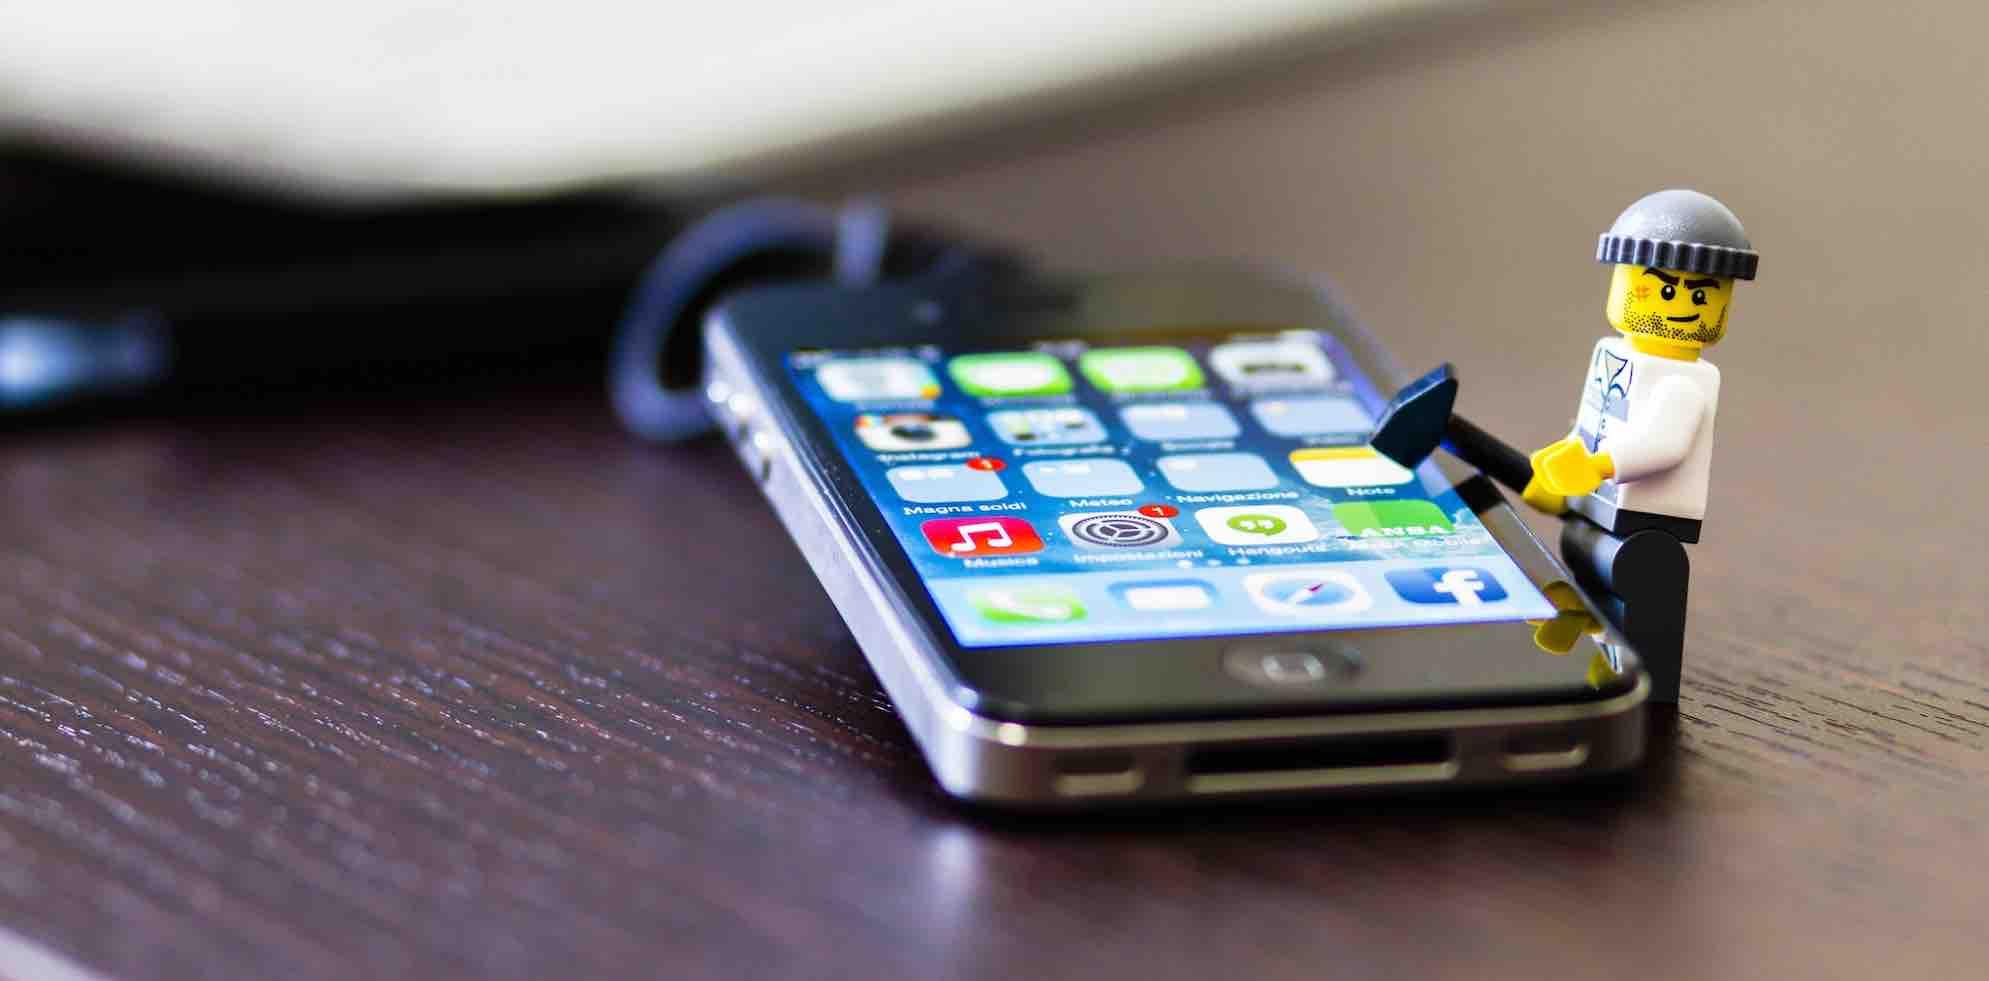 FBI Can Keep Details of San Bernardino iPhone 5c Hack a Secret - Court